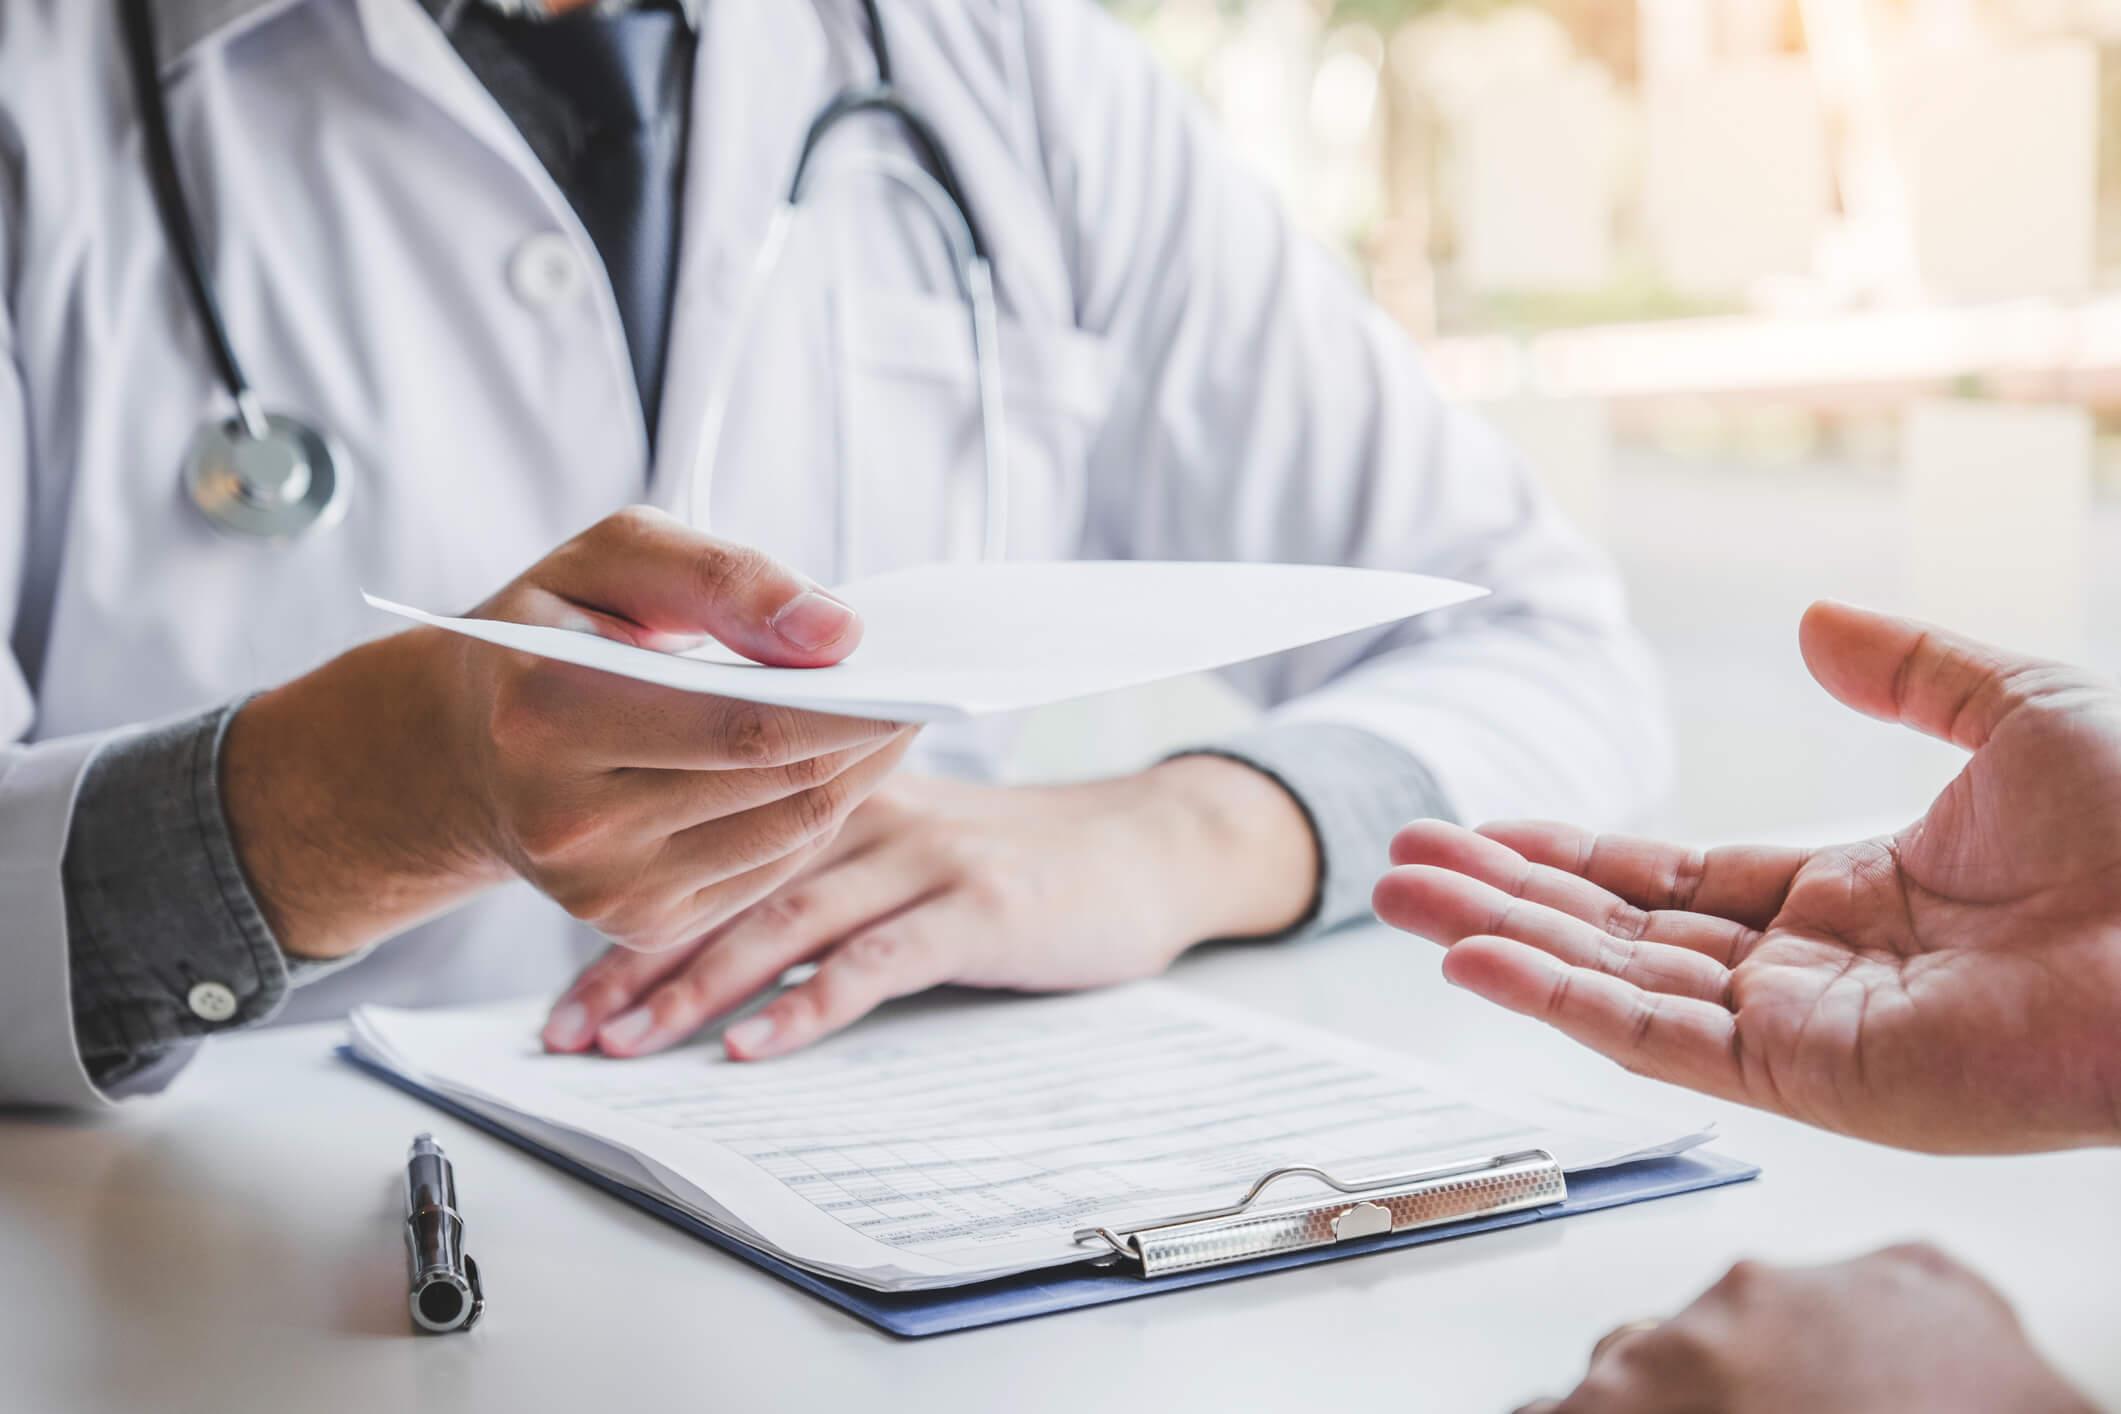 Fin du certificat médical obligatoire pour la prise de licence des mineurs